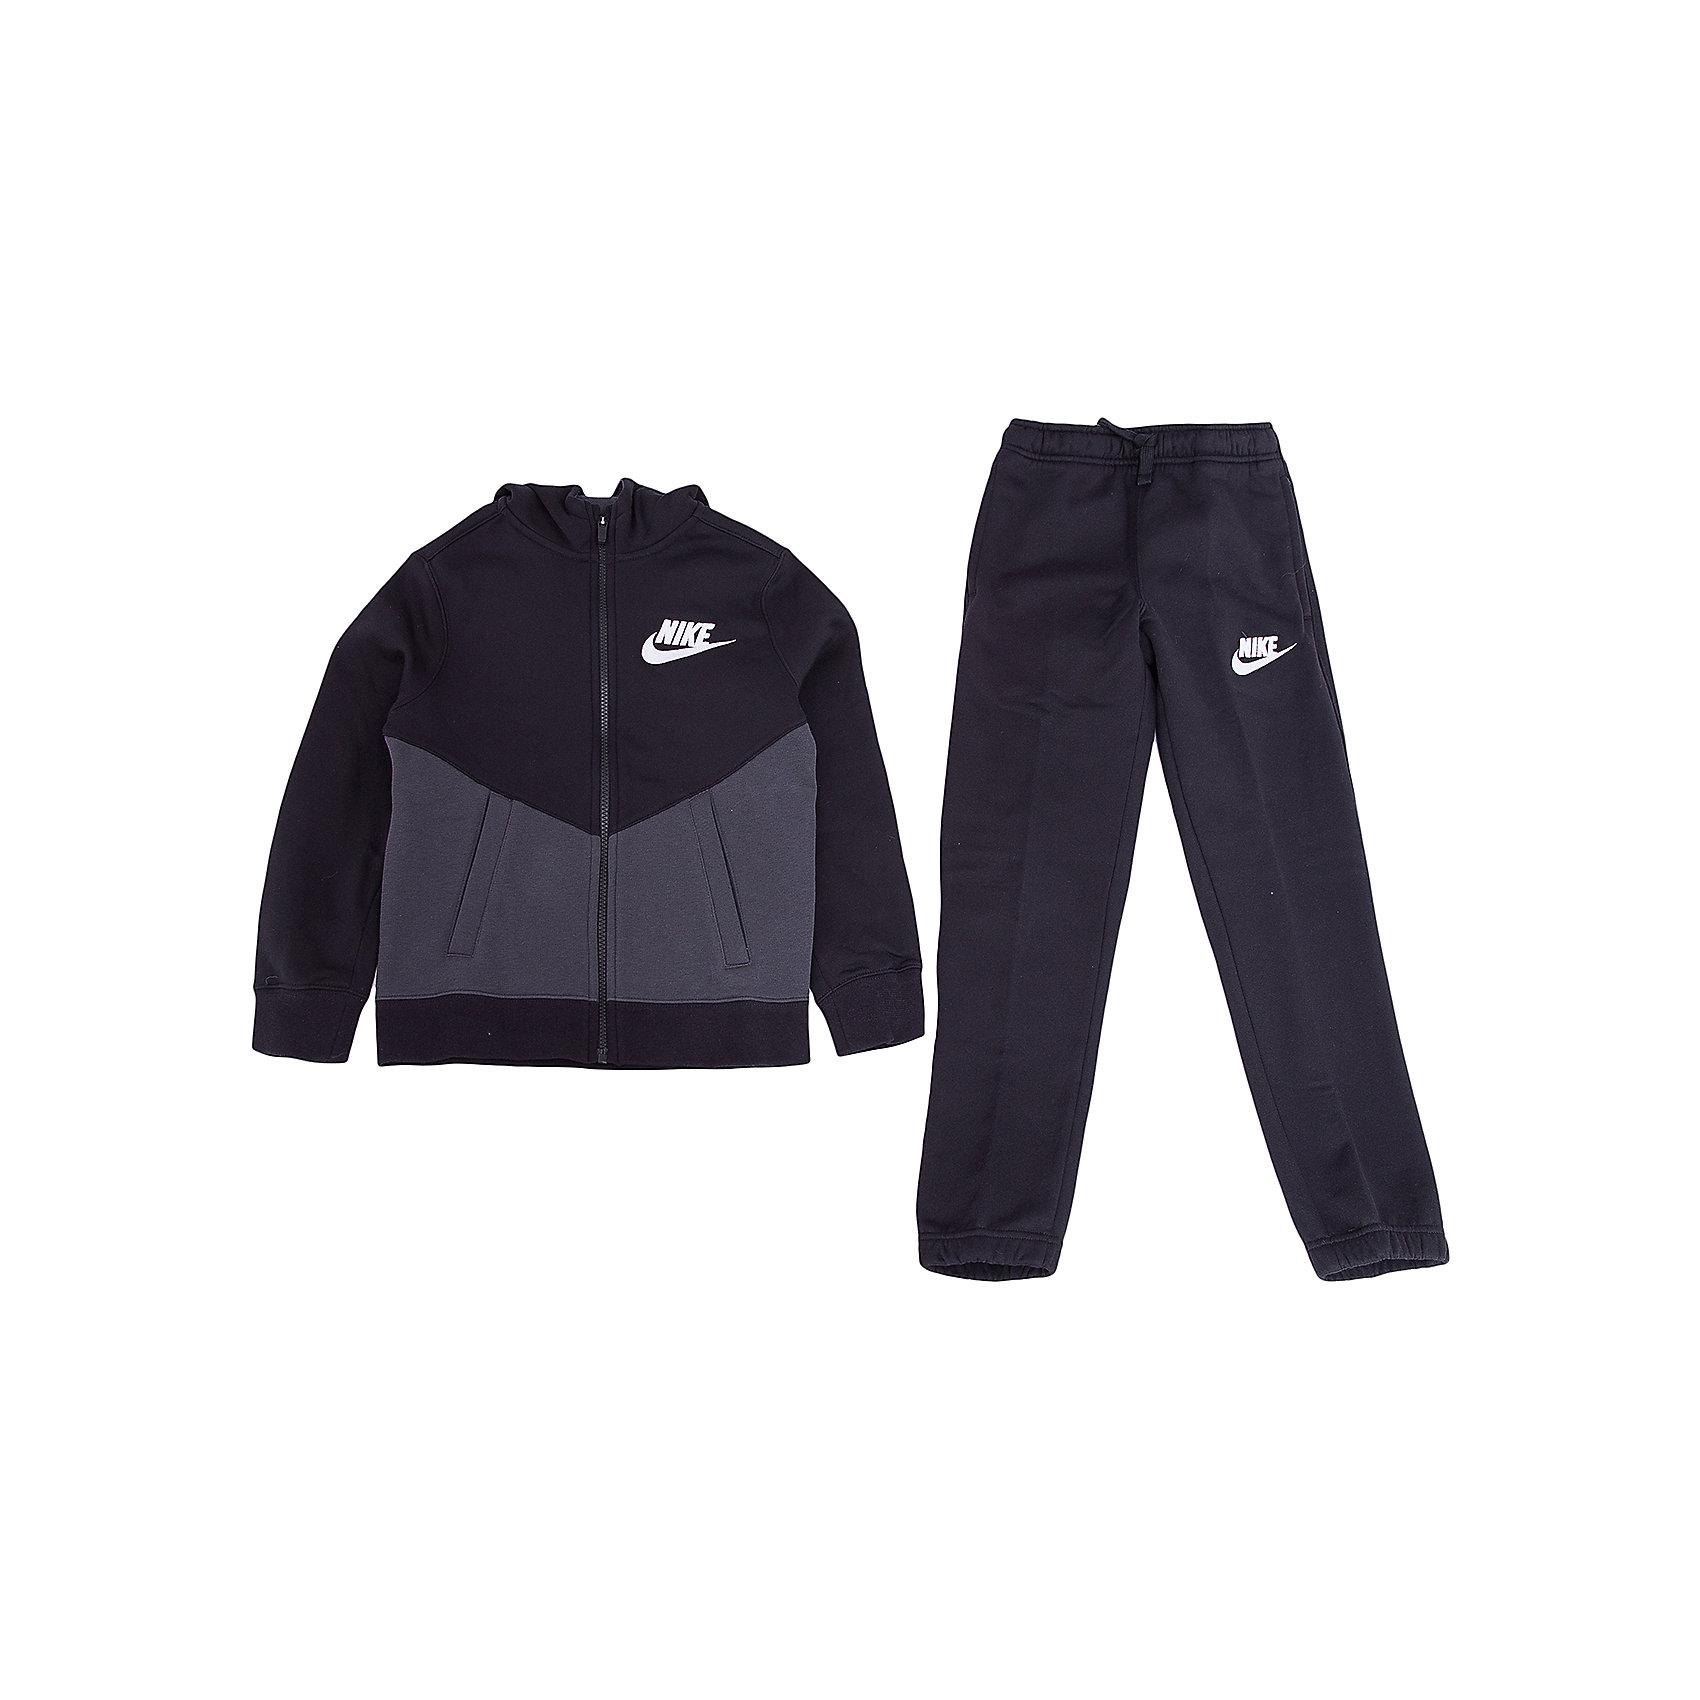 Спортивный костюм NIKEСпортивная форма<br>Характеристики товара:<br><br>• цвет: черный<br>• комплектация: курточка, брюки<br>• состав ткани: 80% хлопок, 20% полиэстер<br>• подкладка - 100% хлопок <br>• длинные рукава<br>• застежка: молния<br>• пояс: резинка и шнурок<br>• особенности модели: спортивный стиль<br>• сезон: демисезон<br>• капюшон: несъемный<br>• страна бренда: США<br>• страна изготовитель: Малайзия<br><br>Хлопковый спортивный костюм Nike - комфортная и качественная одежда для отдыха и занятий спортом. Курточка из спортивного комплекта для детей дополнена капюшоном и карманами. Удобный детский спортивный костюм от известного мирового бренда Nike разработан с учетом последних веяний в моде. Спортивный костюм Найк не стесняет движения ребенка. <br><br>Спортивный костюм Nike (Найк) можно купить в нашем интернет-магазине.<br><br>Ширина мм: 247<br>Глубина мм: 16<br>Высота мм: 140<br>Вес г: 225<br>Цвет: черный<br>Возраст от месяцев: 168<br>Возраст до месяцев: 180<br>Пол: Унисекс<br>Возраст: Детский<br>Размер: 158/170,135/140,122/128,128/134,147/158<br>SKU: 7073910